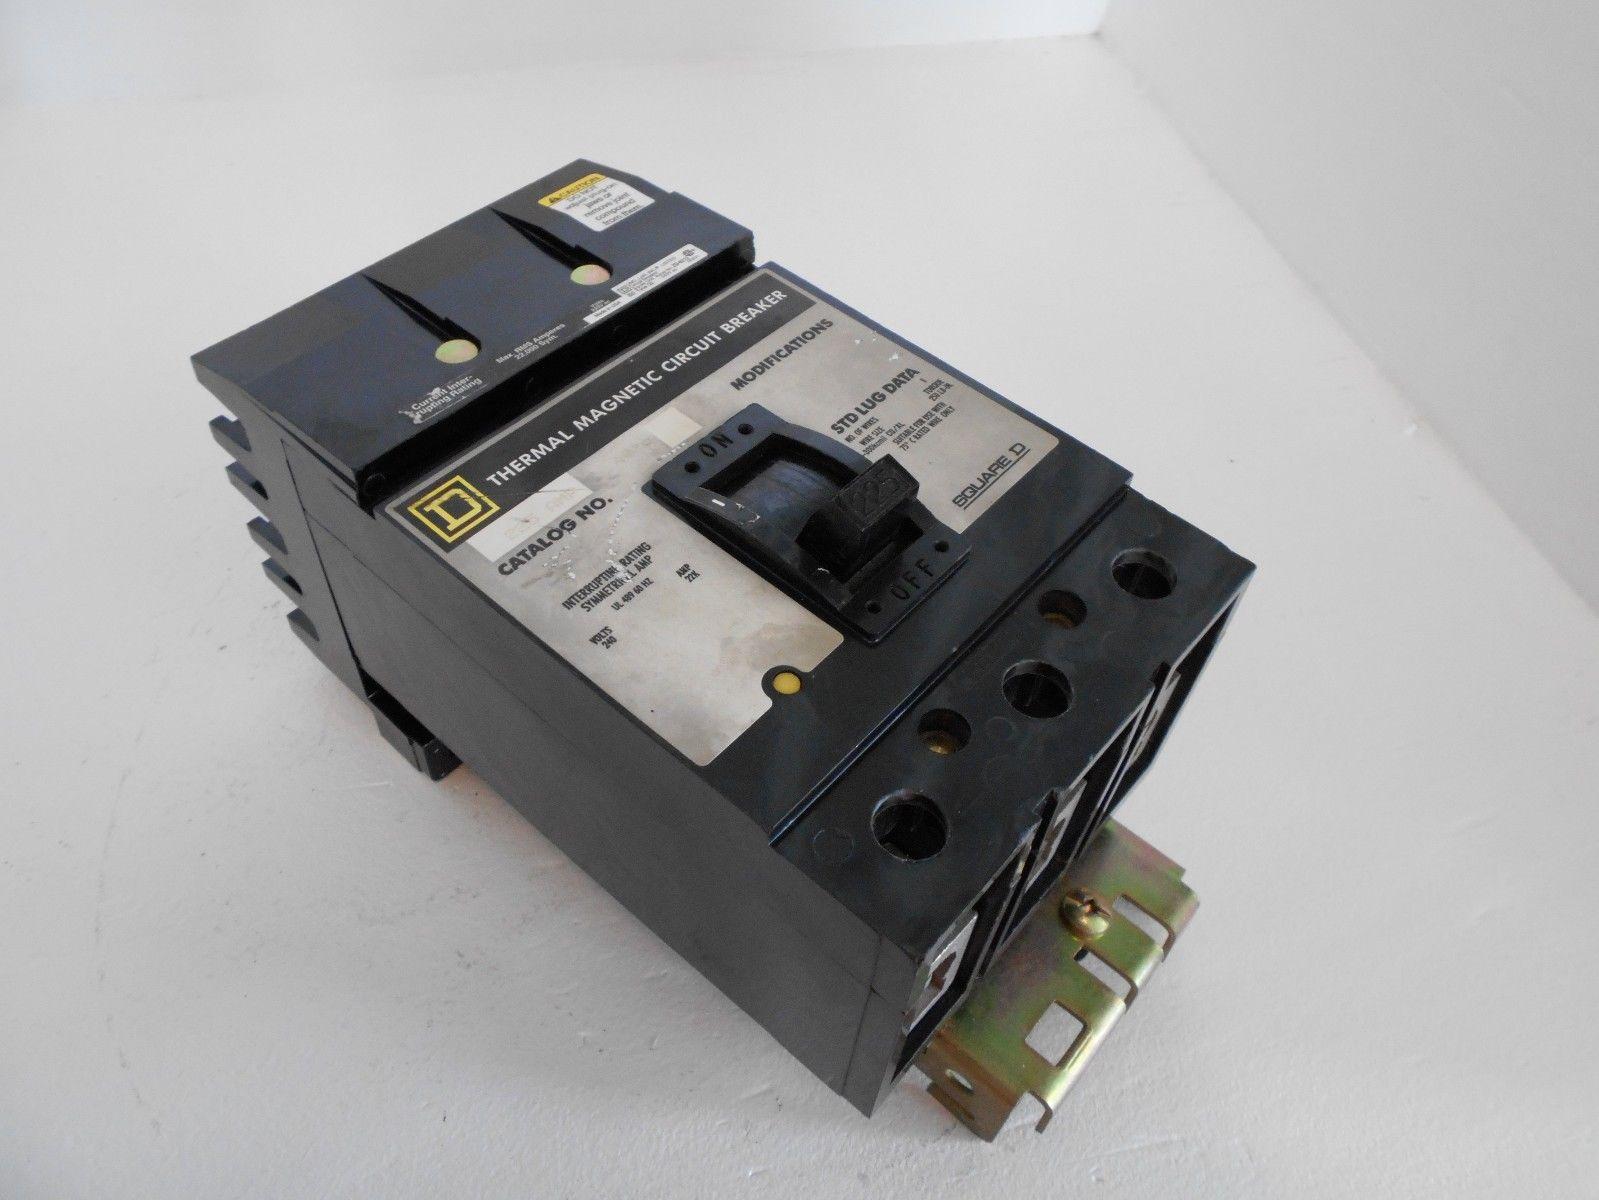 Square D Q H Molded Case Breaker Bolt On 3 Pole 225 Amp 240 V Type Q2